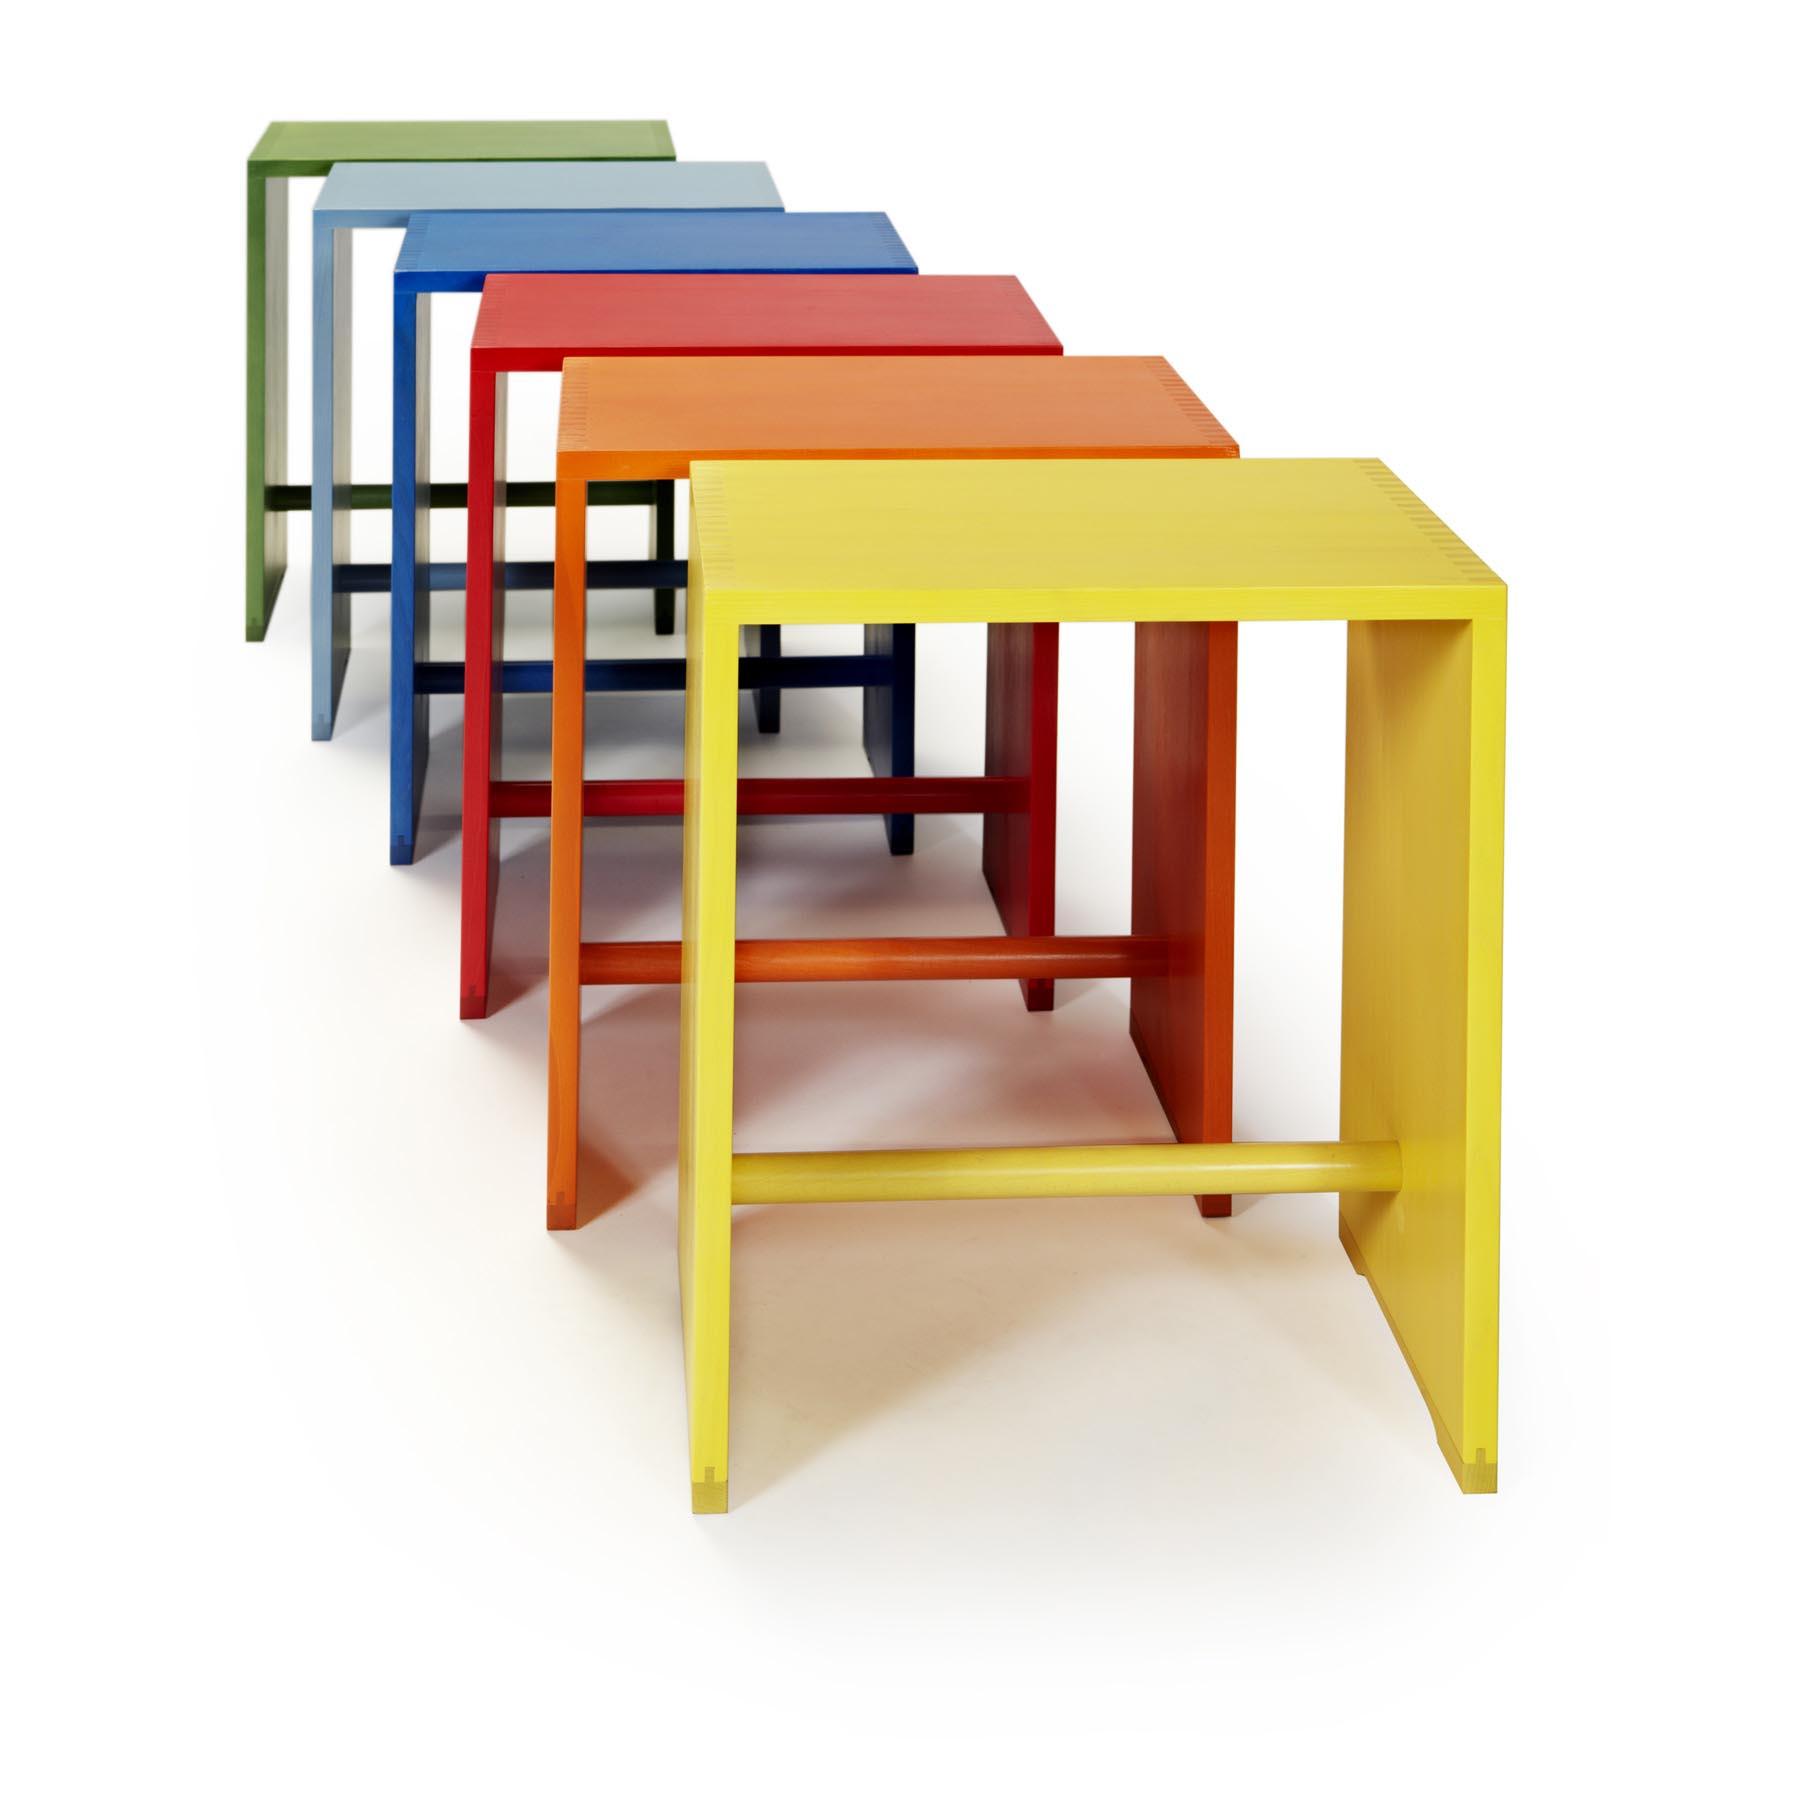 ウルムスツール カラー Ulm Stool Color Wohnbedarf ヴォーンベダルフ正規品